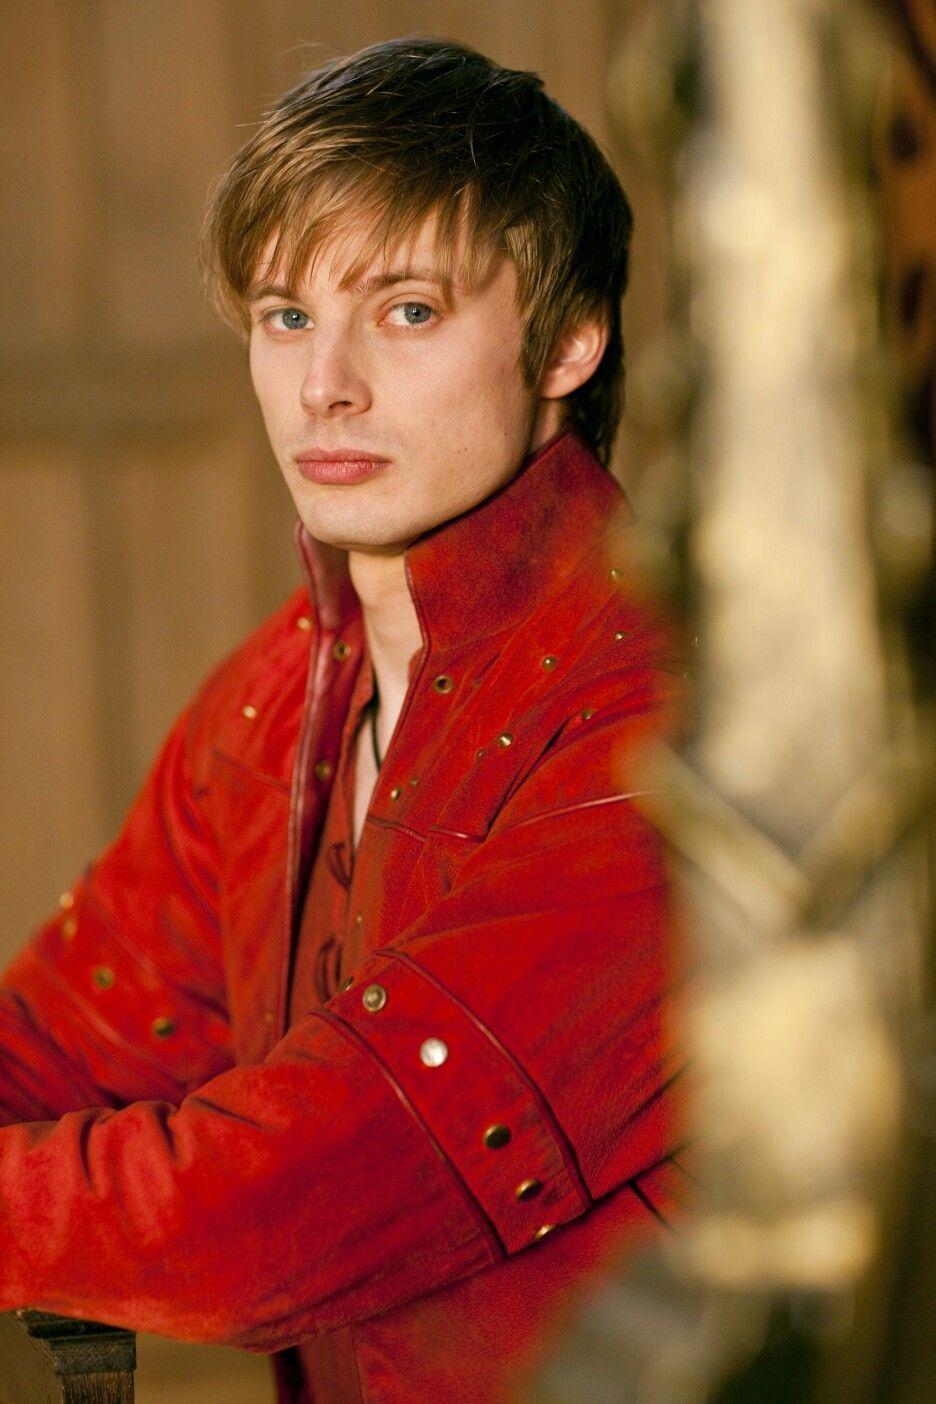 Bradley in Merlin - Bradley James Image (24331625) - Fanpop